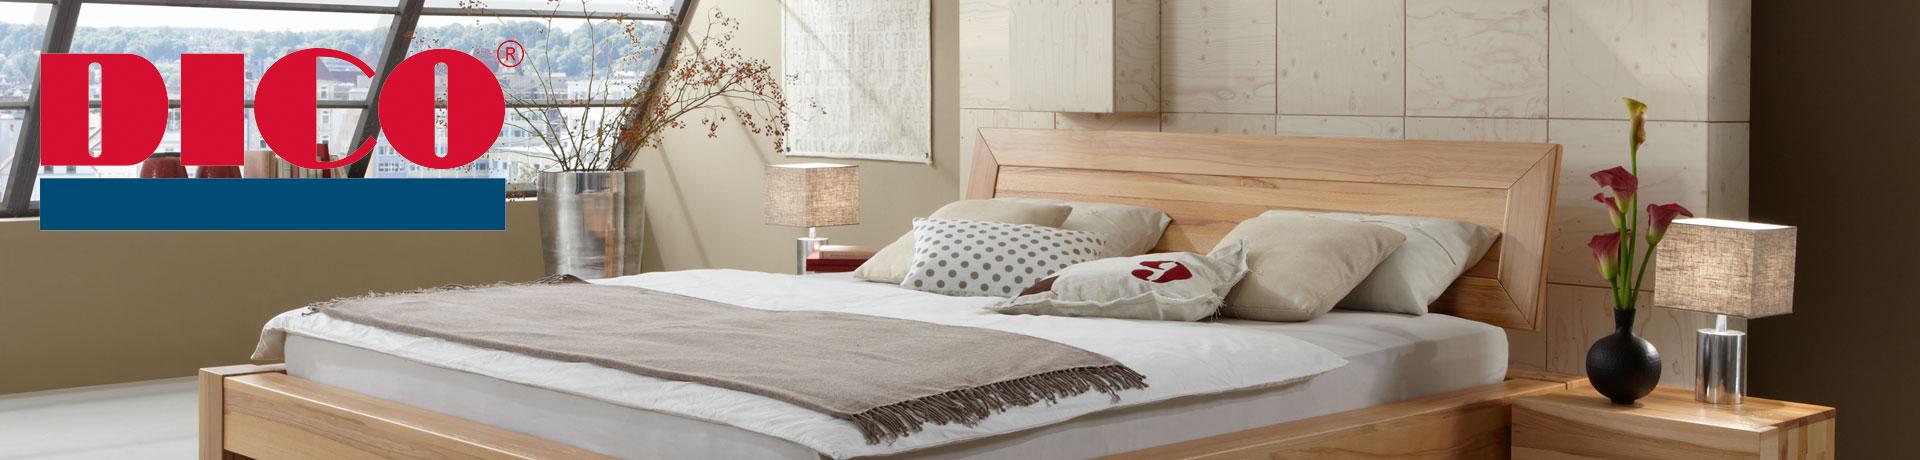 Full Size of Dico Betten Aqua Saar Mit Aufbewahrung 140x200 Innocent Weiß 180x200 Für übergewichtige überlänge Japanische Luxus Ruf Fabrikverkauf Günstig Kaufen Jabo Bett Dico Betten